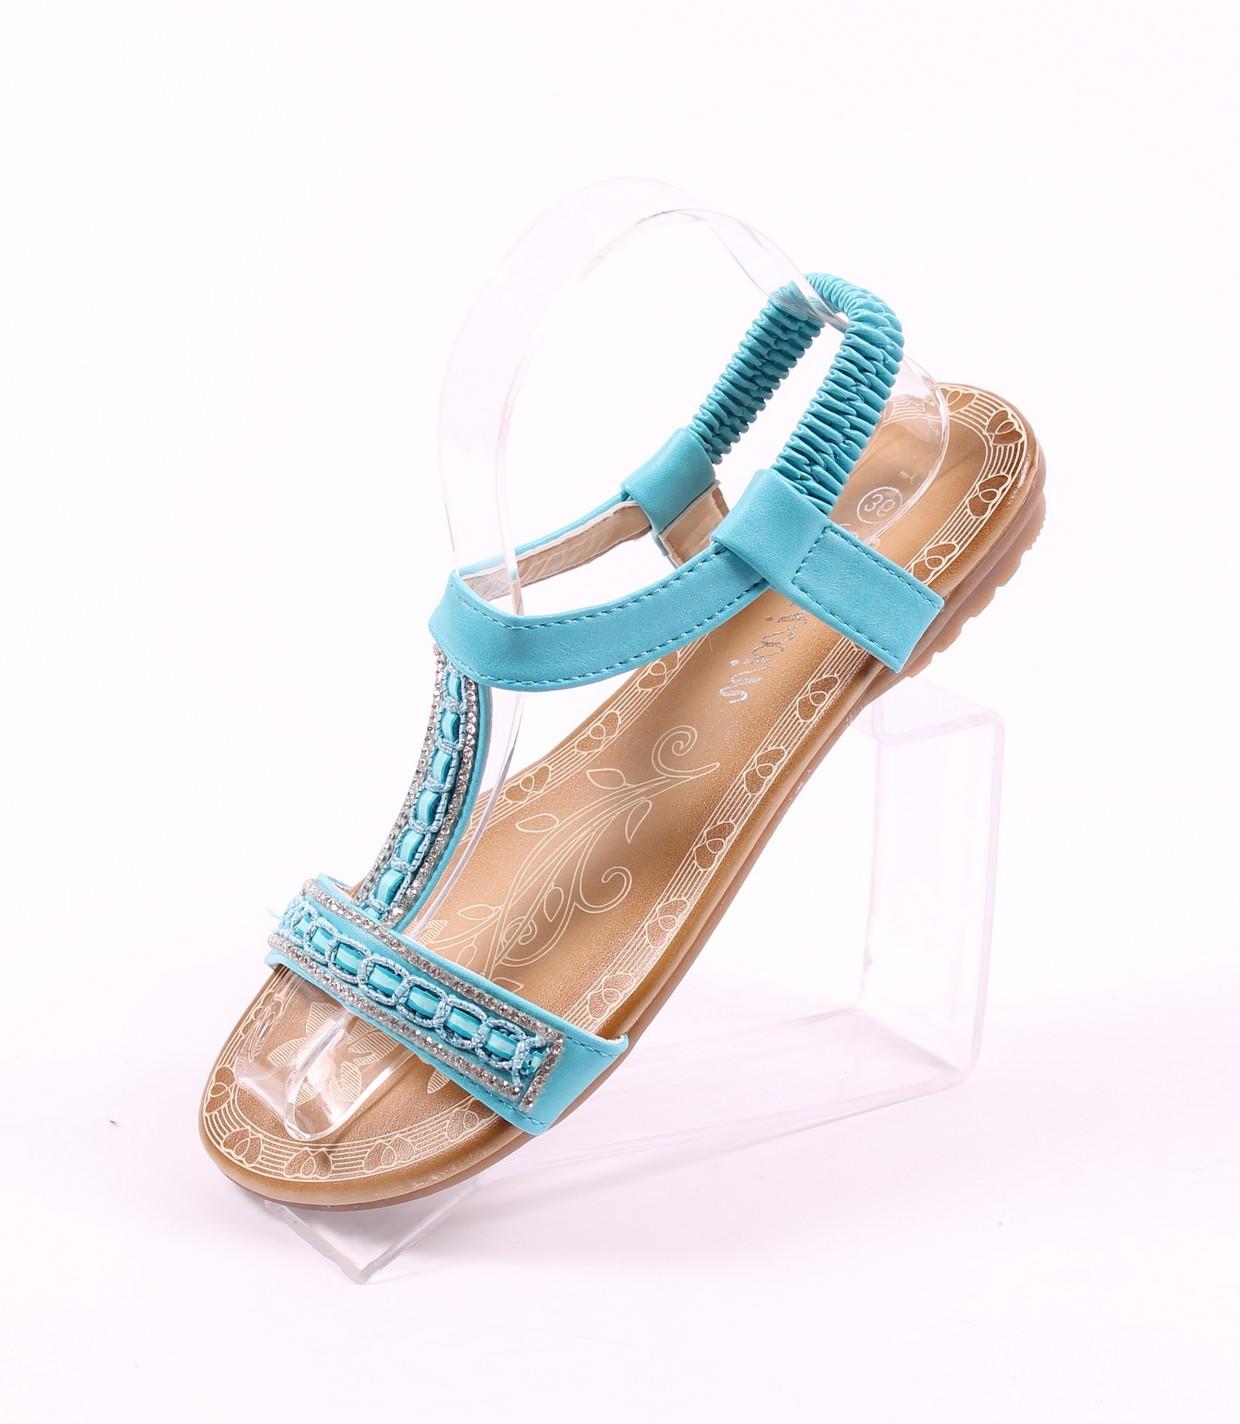 Сбор заказов. Повседневная летняя женская обувь - балетки, кеды, летние сапоги, сандалии, шлепанцы от 355 руб. Выкуп-3